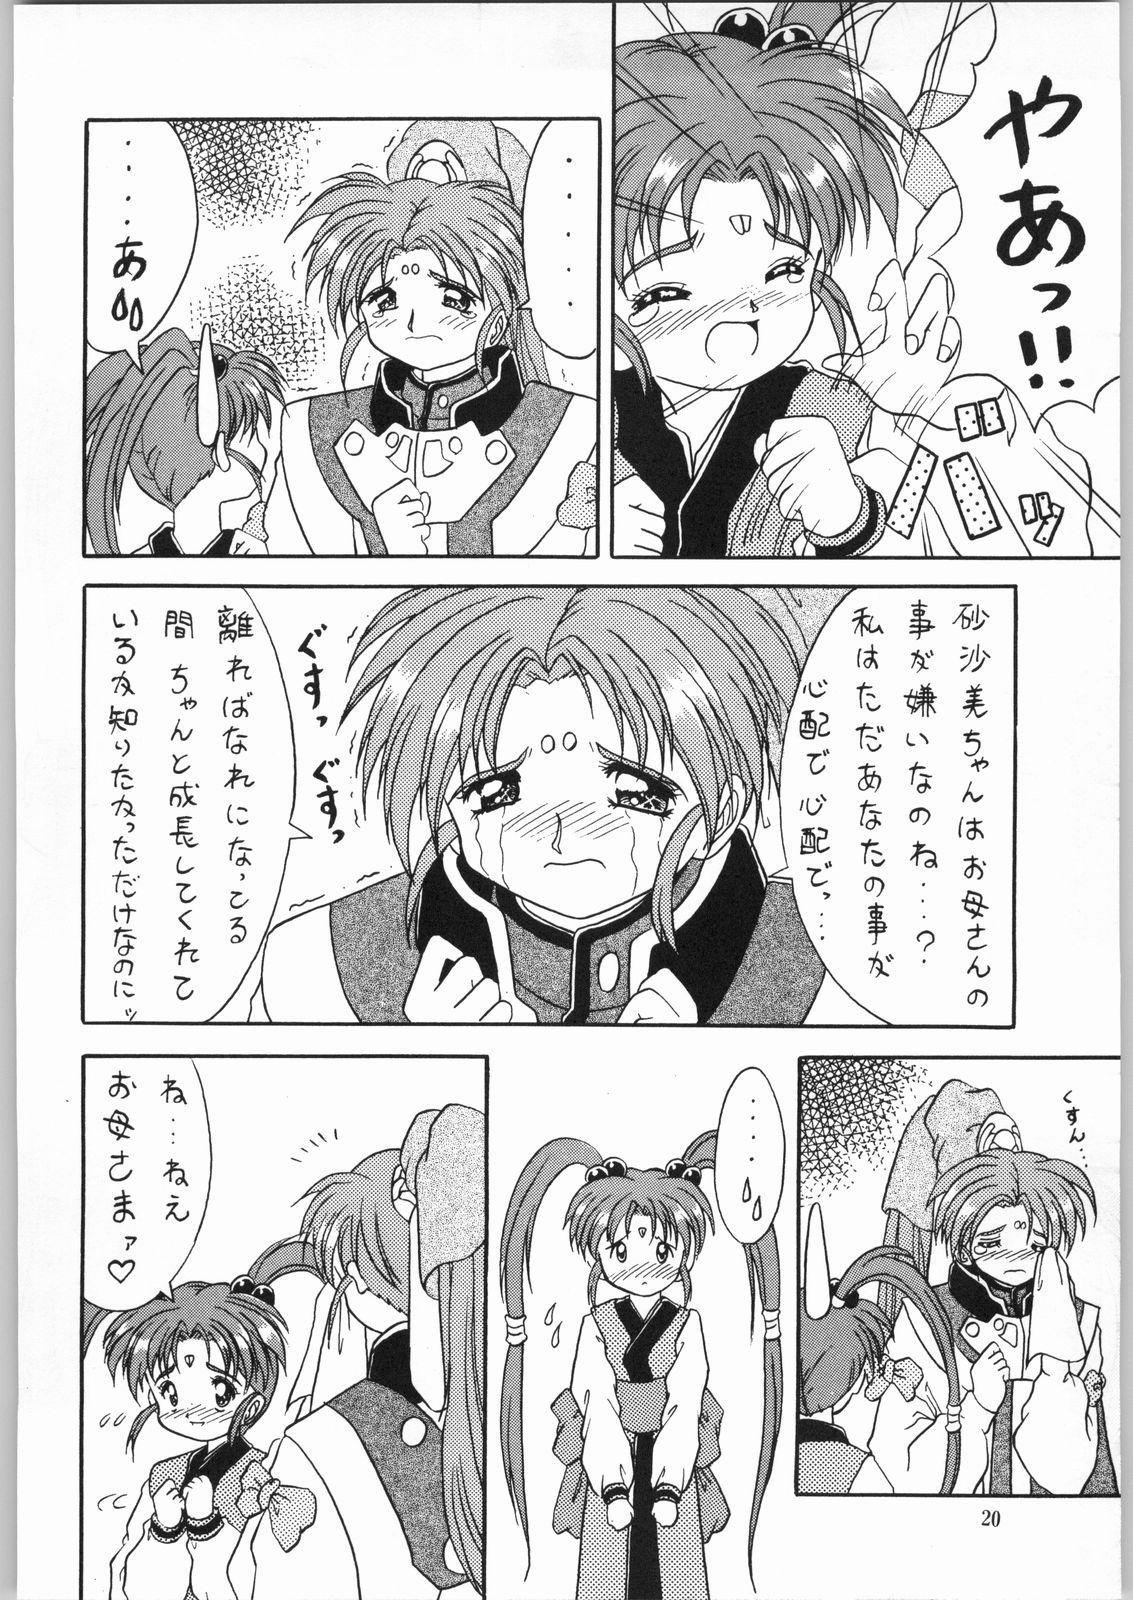 Jurai Nyan Nyan 18